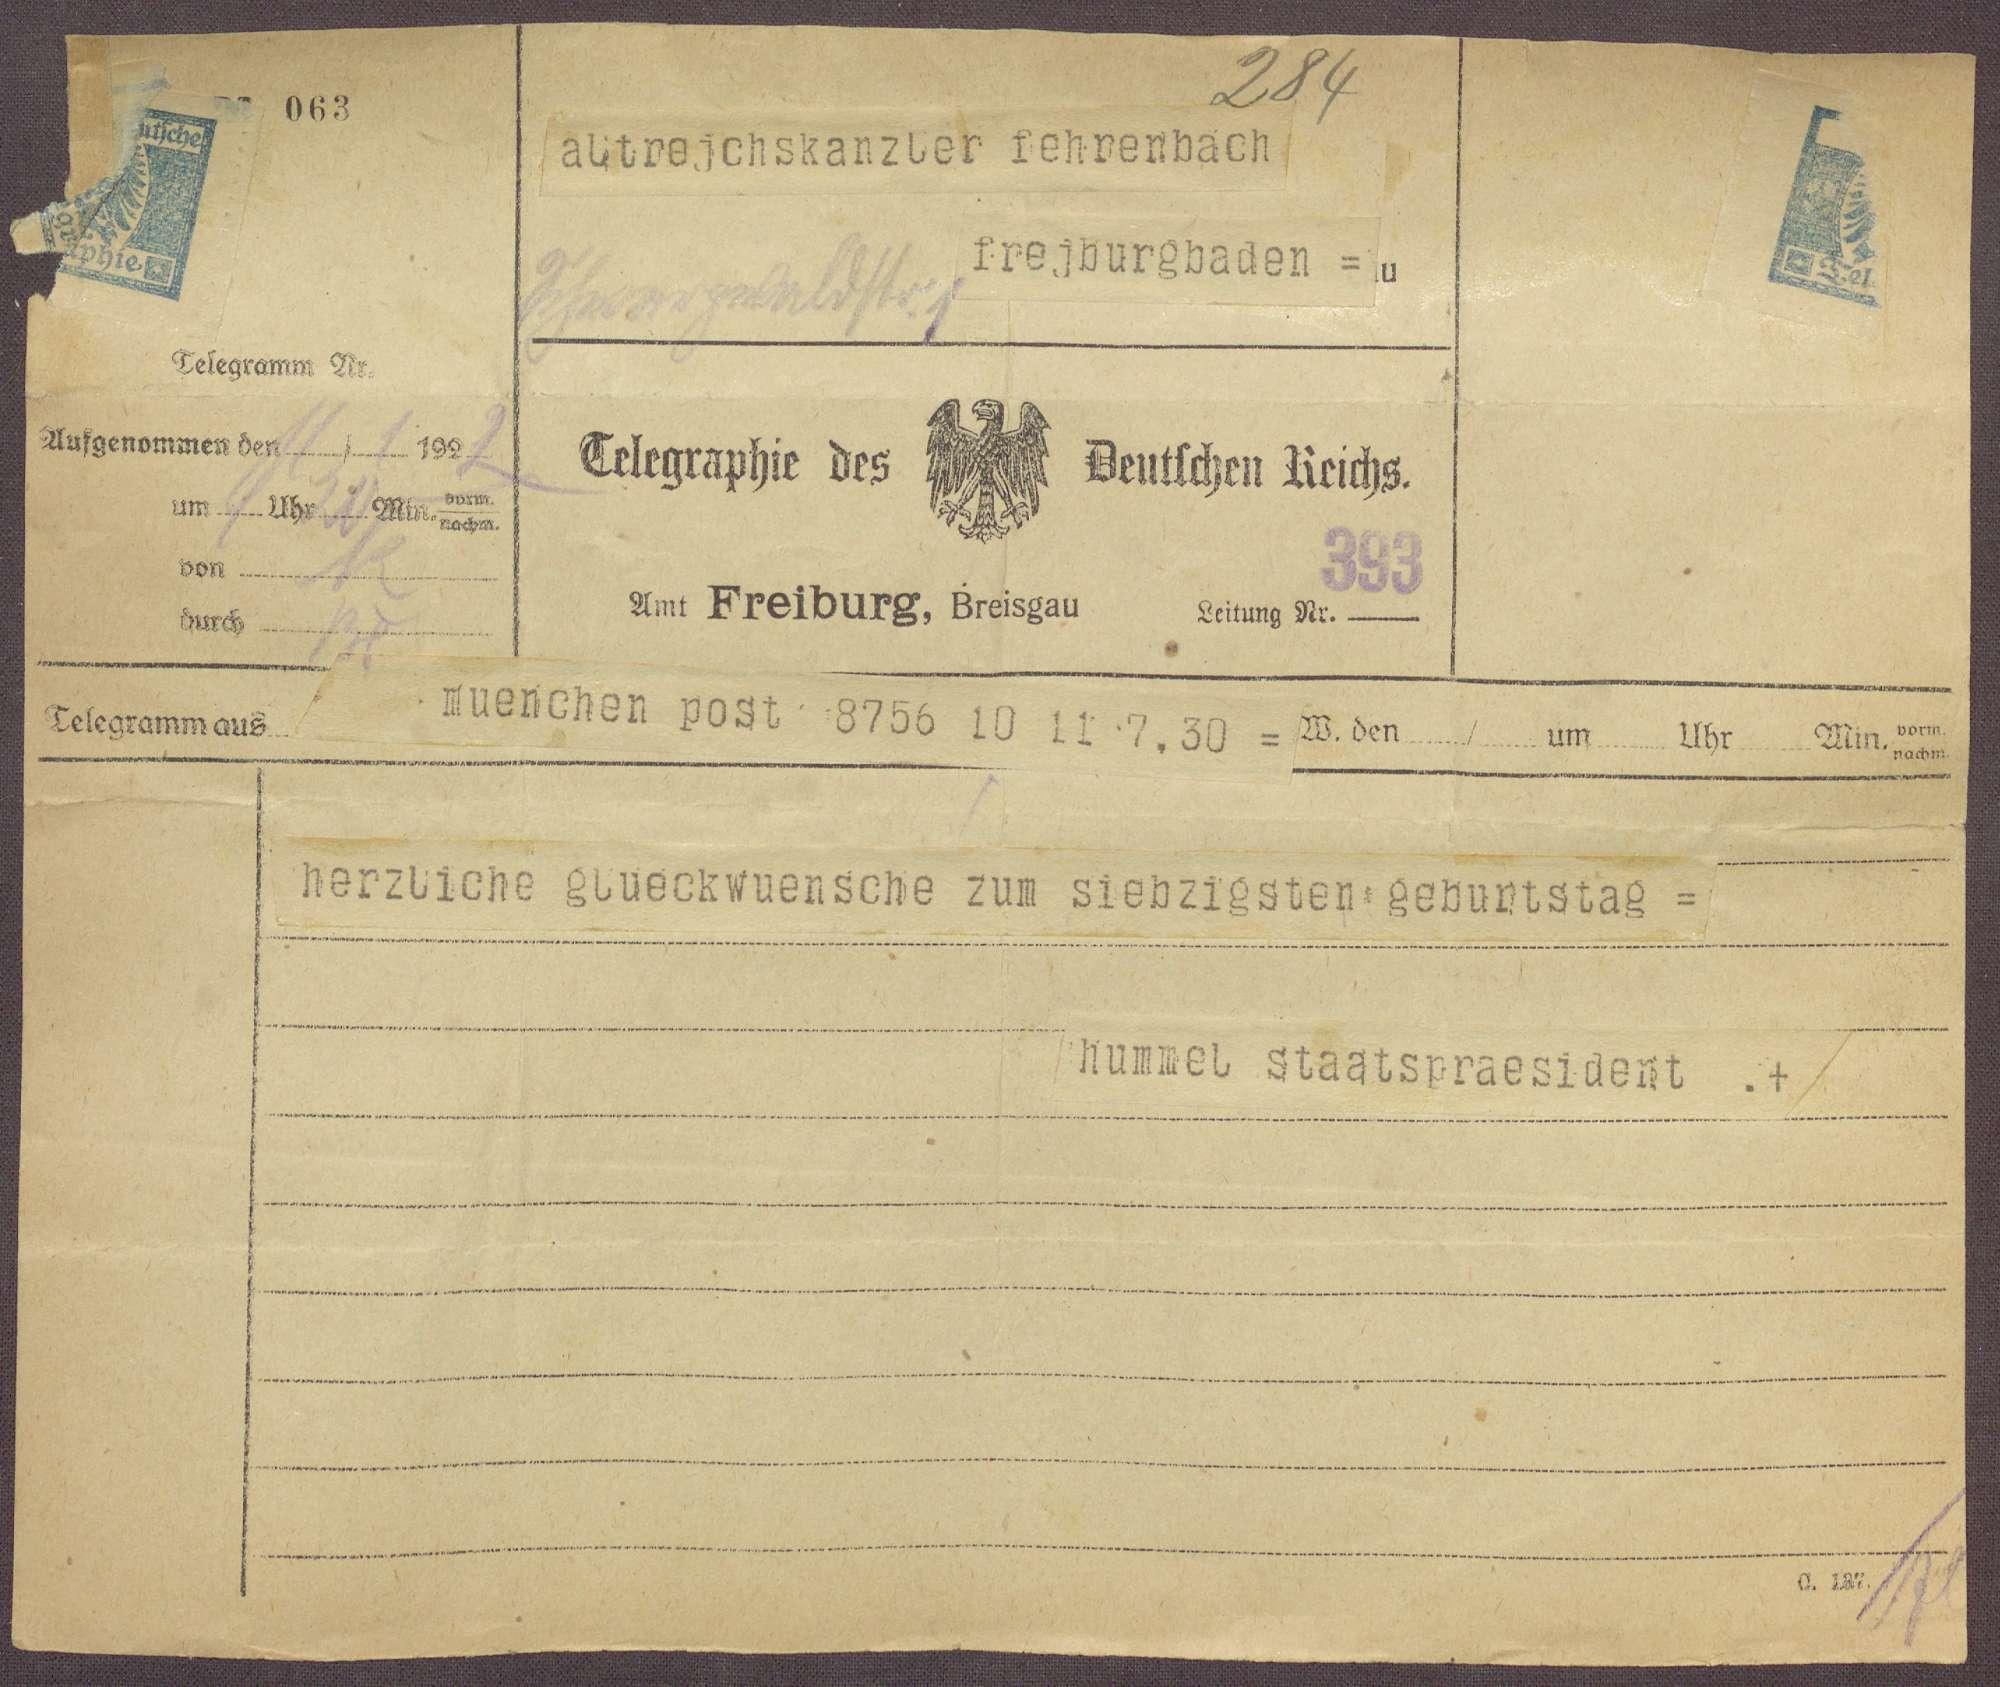 Glückwunschtelegramm zum 70. Geburtstag für Constantin Fehrenbach von Hermann Hummel, München, Bild 1